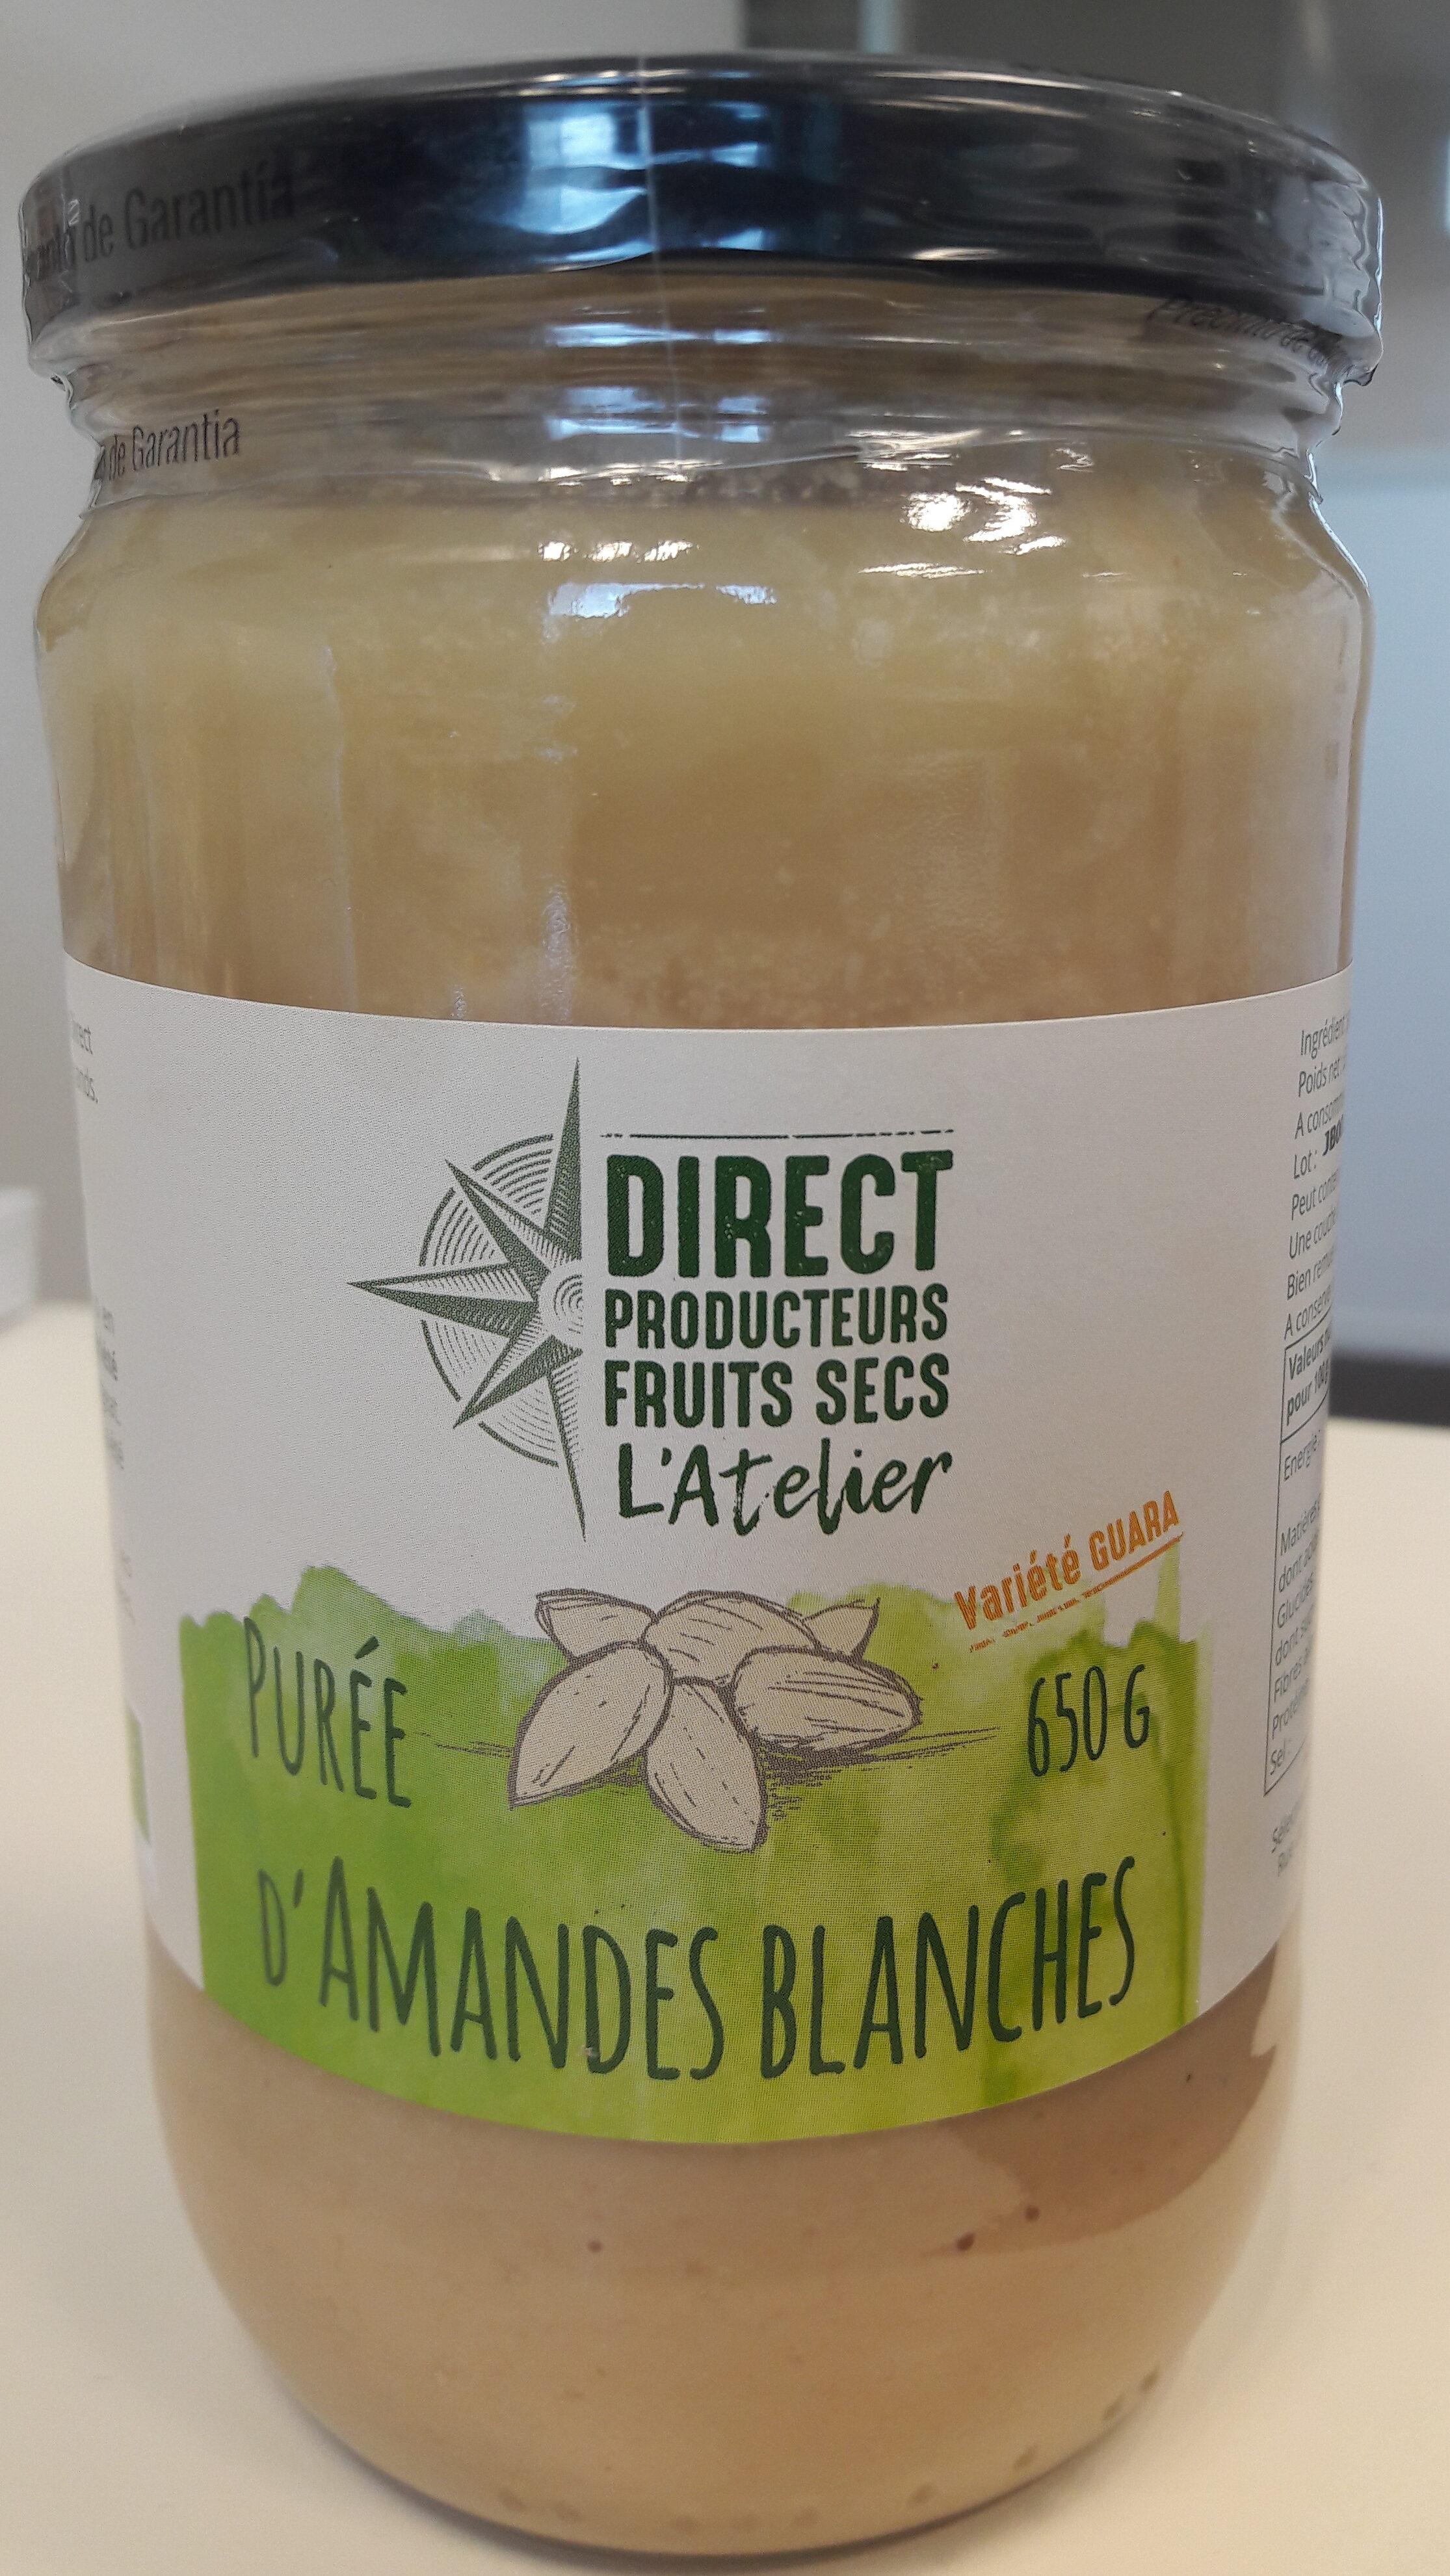 Purée d'amandes blanches - Product - en